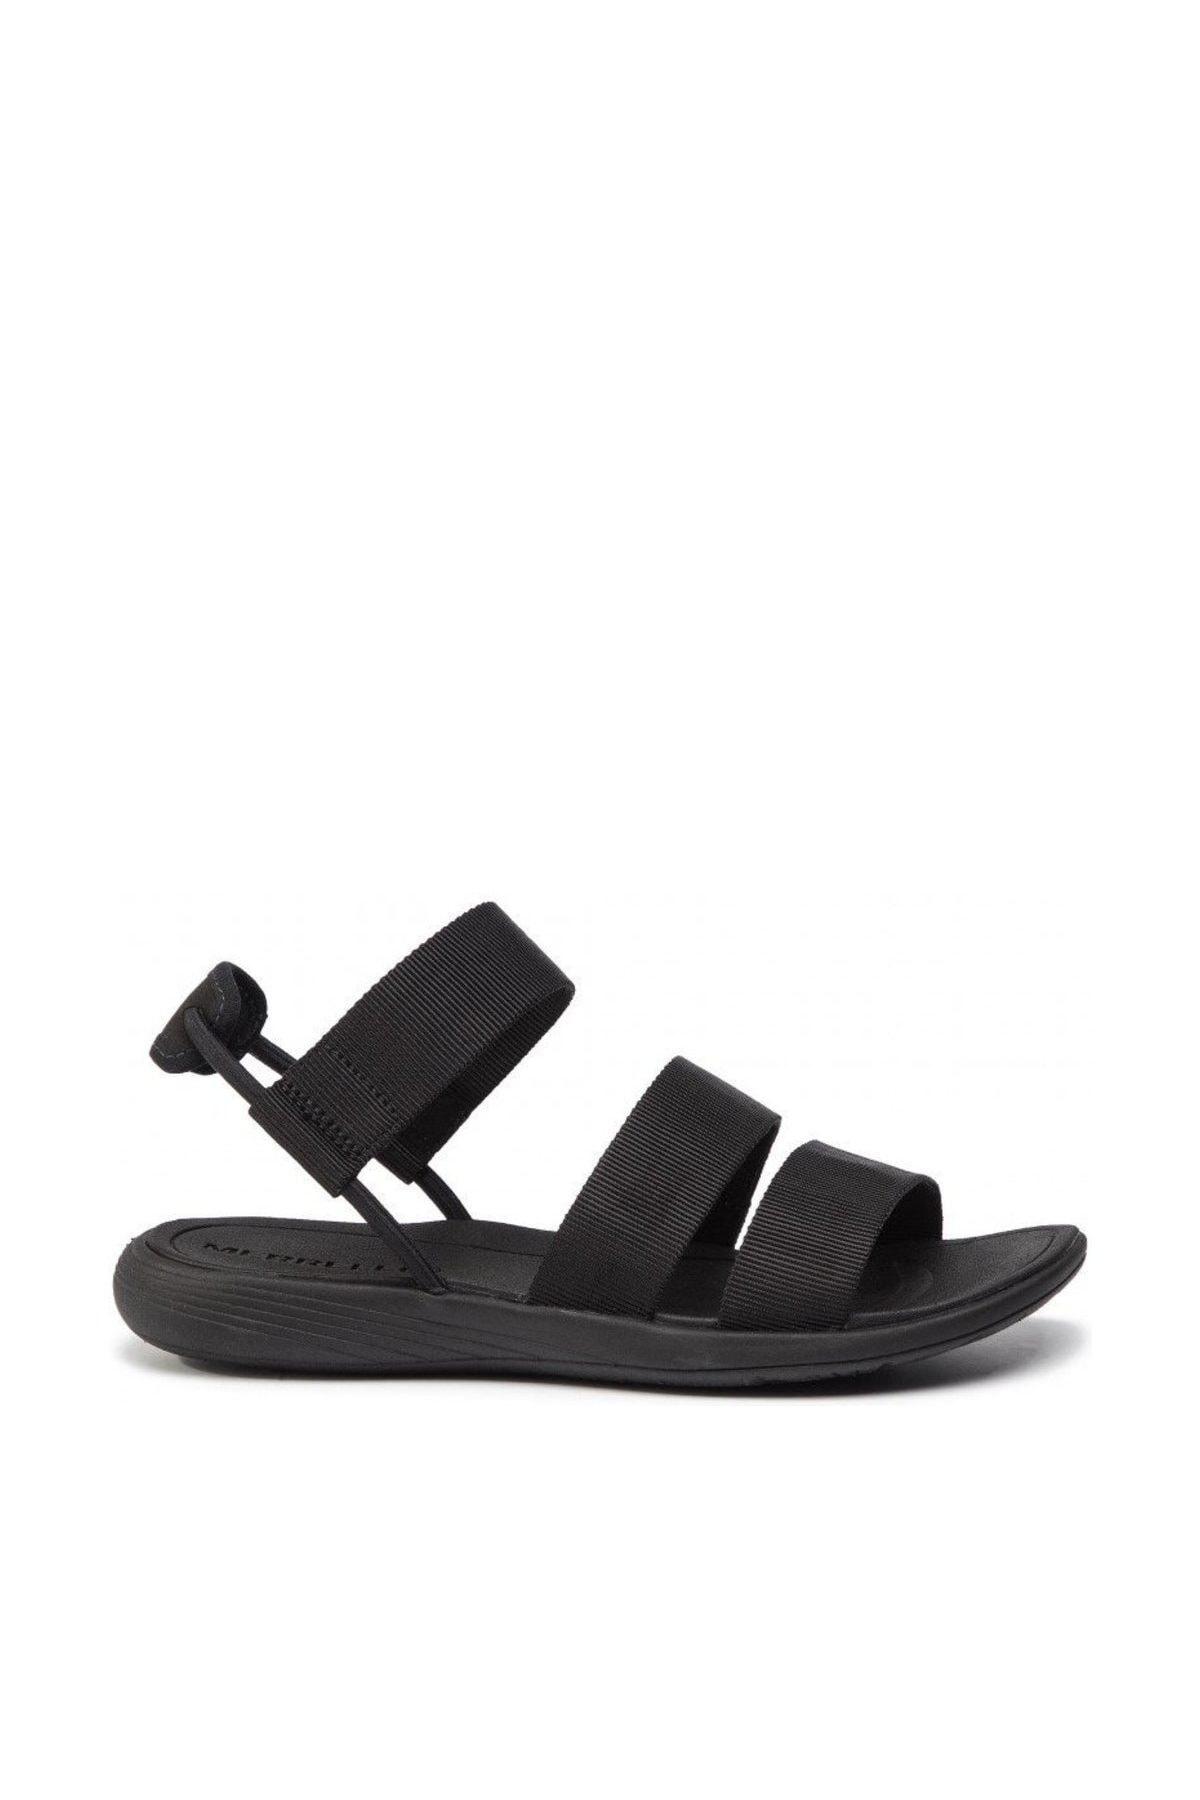 Merrell Siyah Kadın Sandalet 266 J97696Z 2